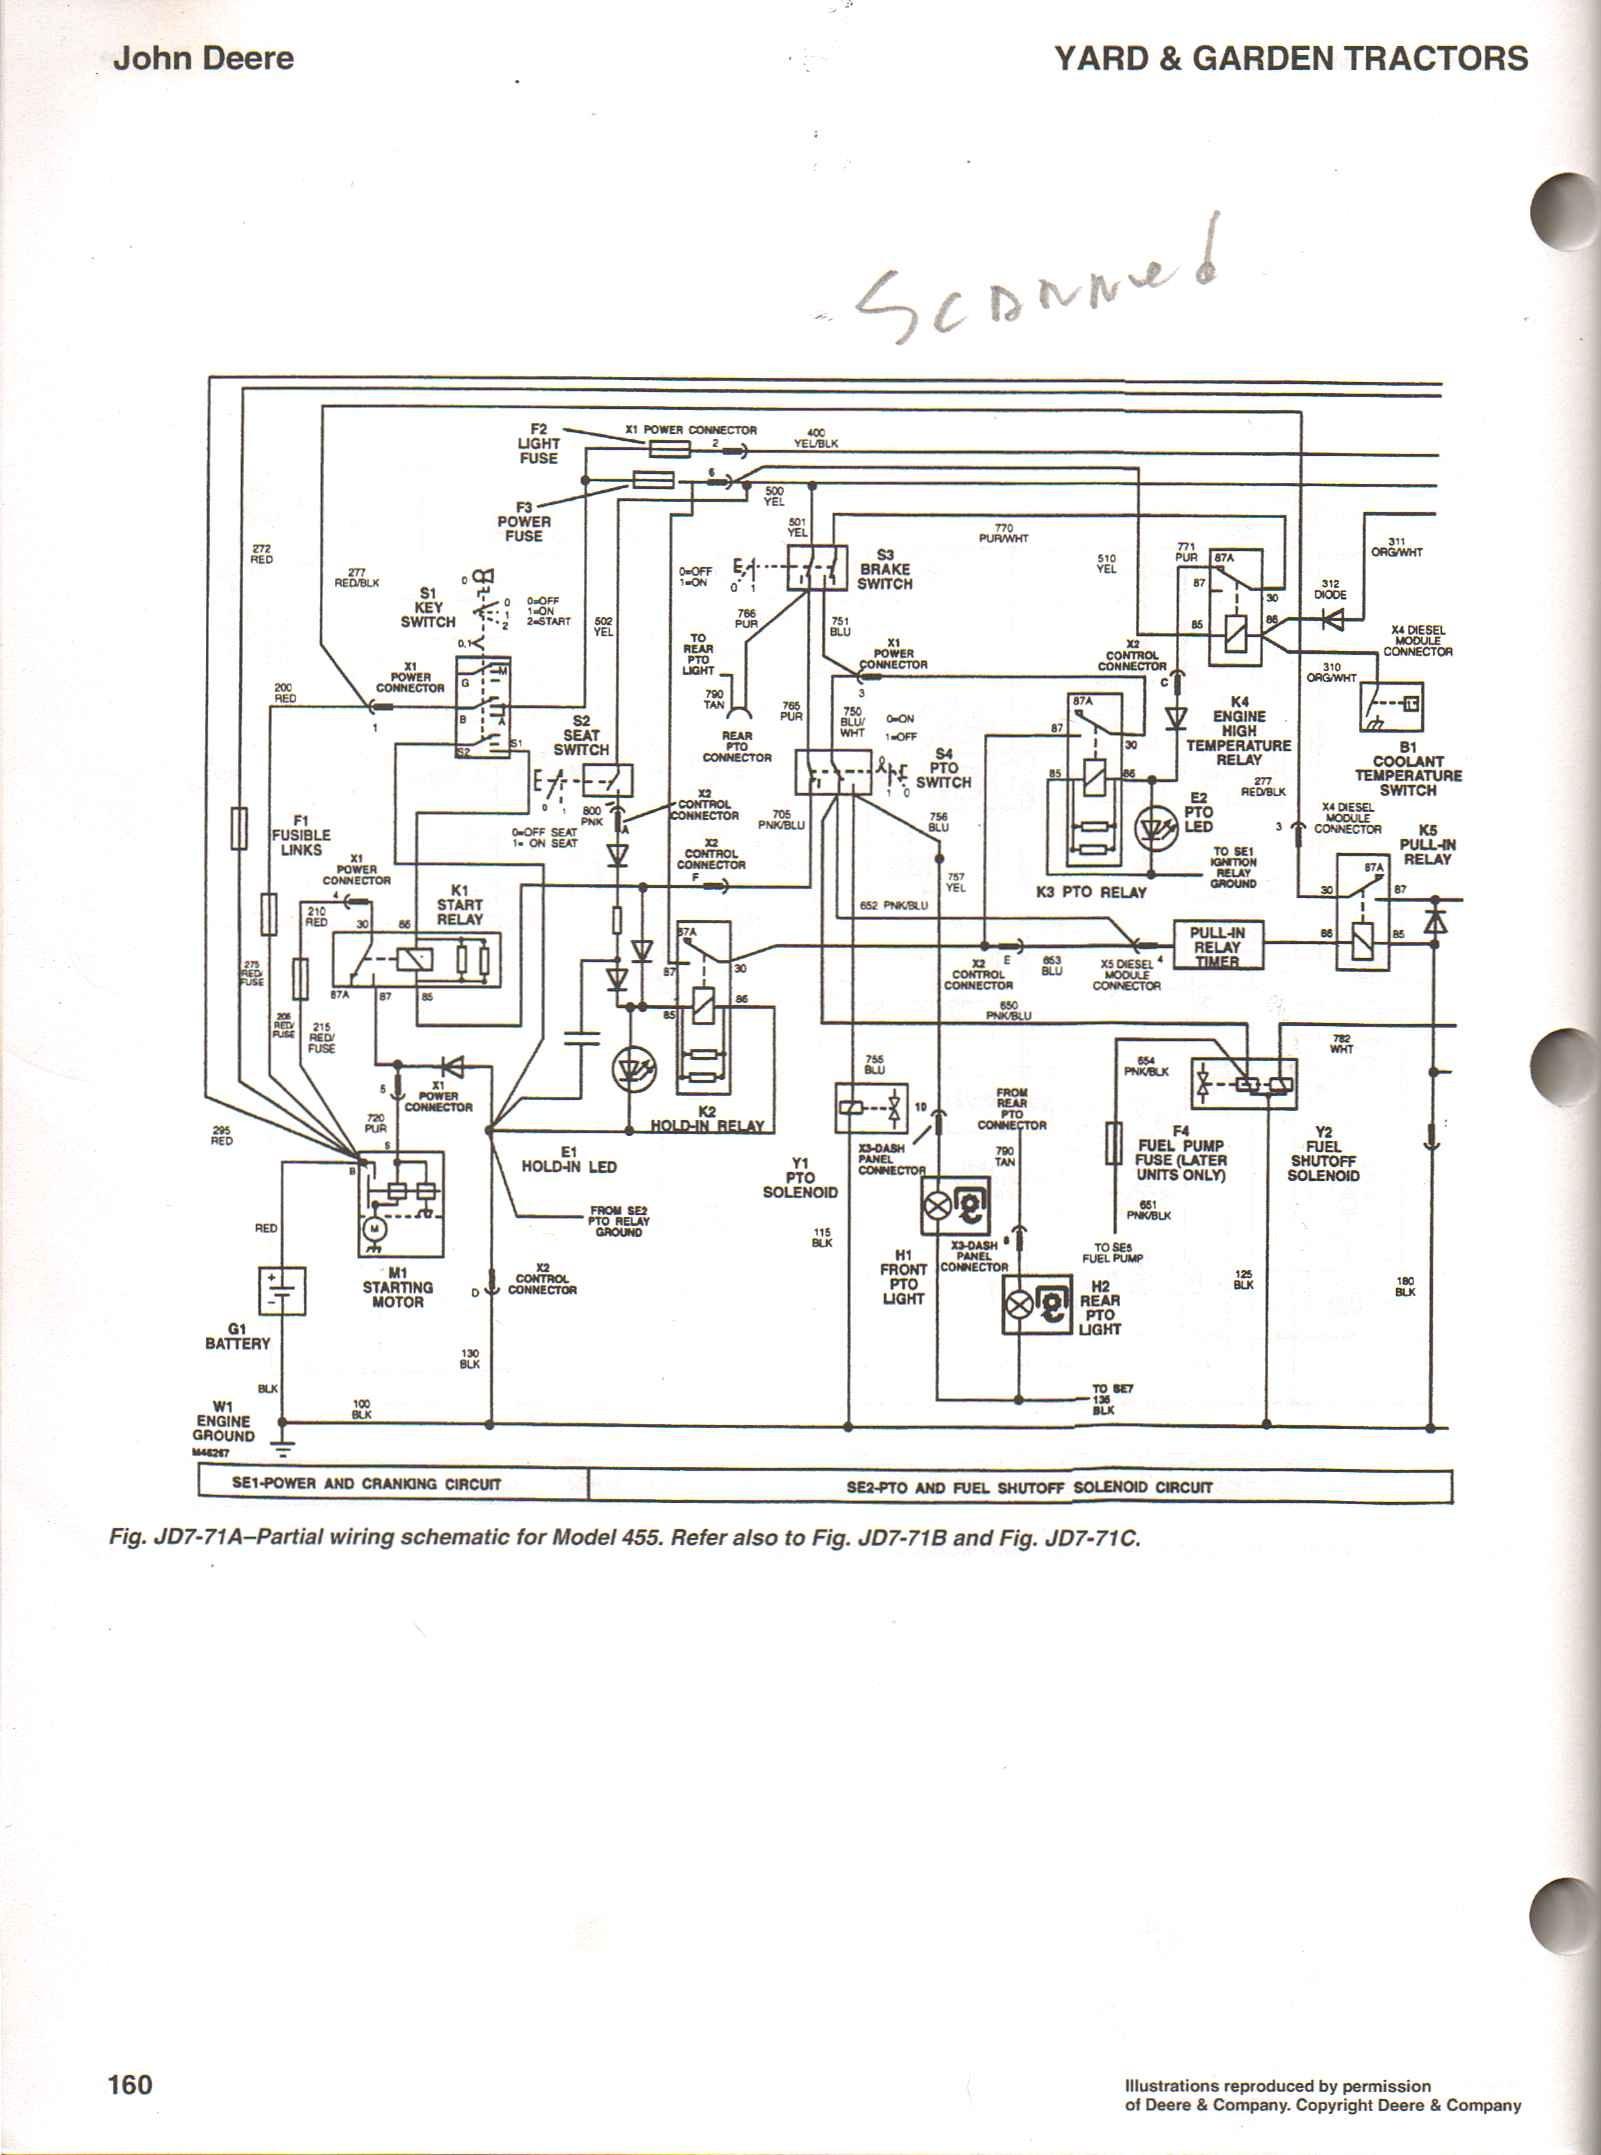 [DIAGRAM_5LK]  FS_8255] John Deere X530 Wiring Diagram Free Diagram | John Deere X530 Wiring Diagram |  | Xempag Oupli Proe Mohammedshrine Librar Wiring 101